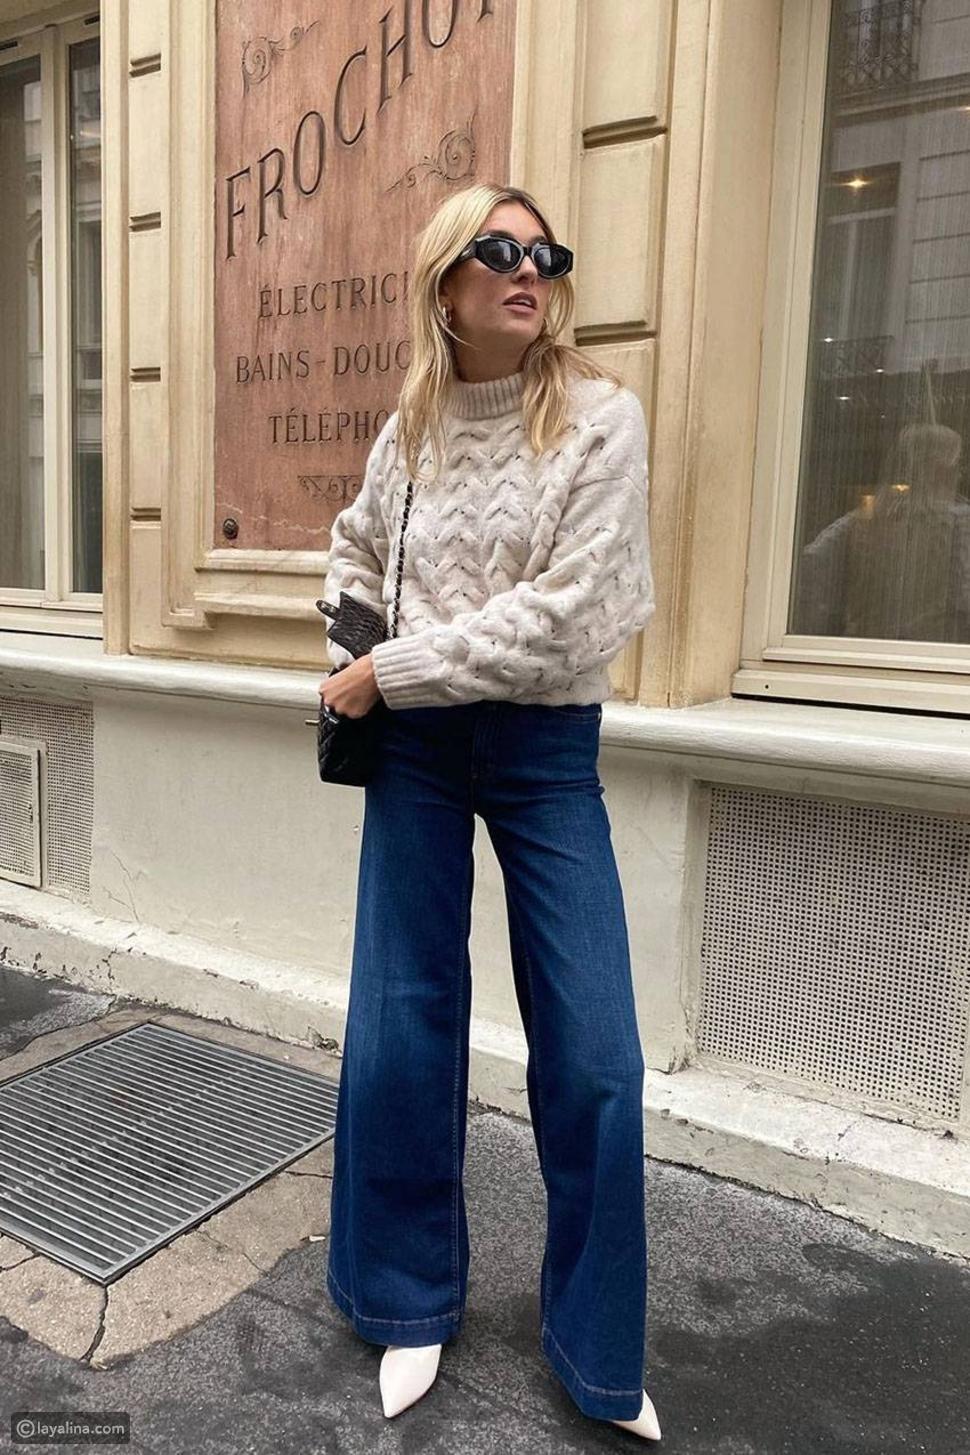 كنزة سميكة مع بنطلون جينز واسع الساق داكن